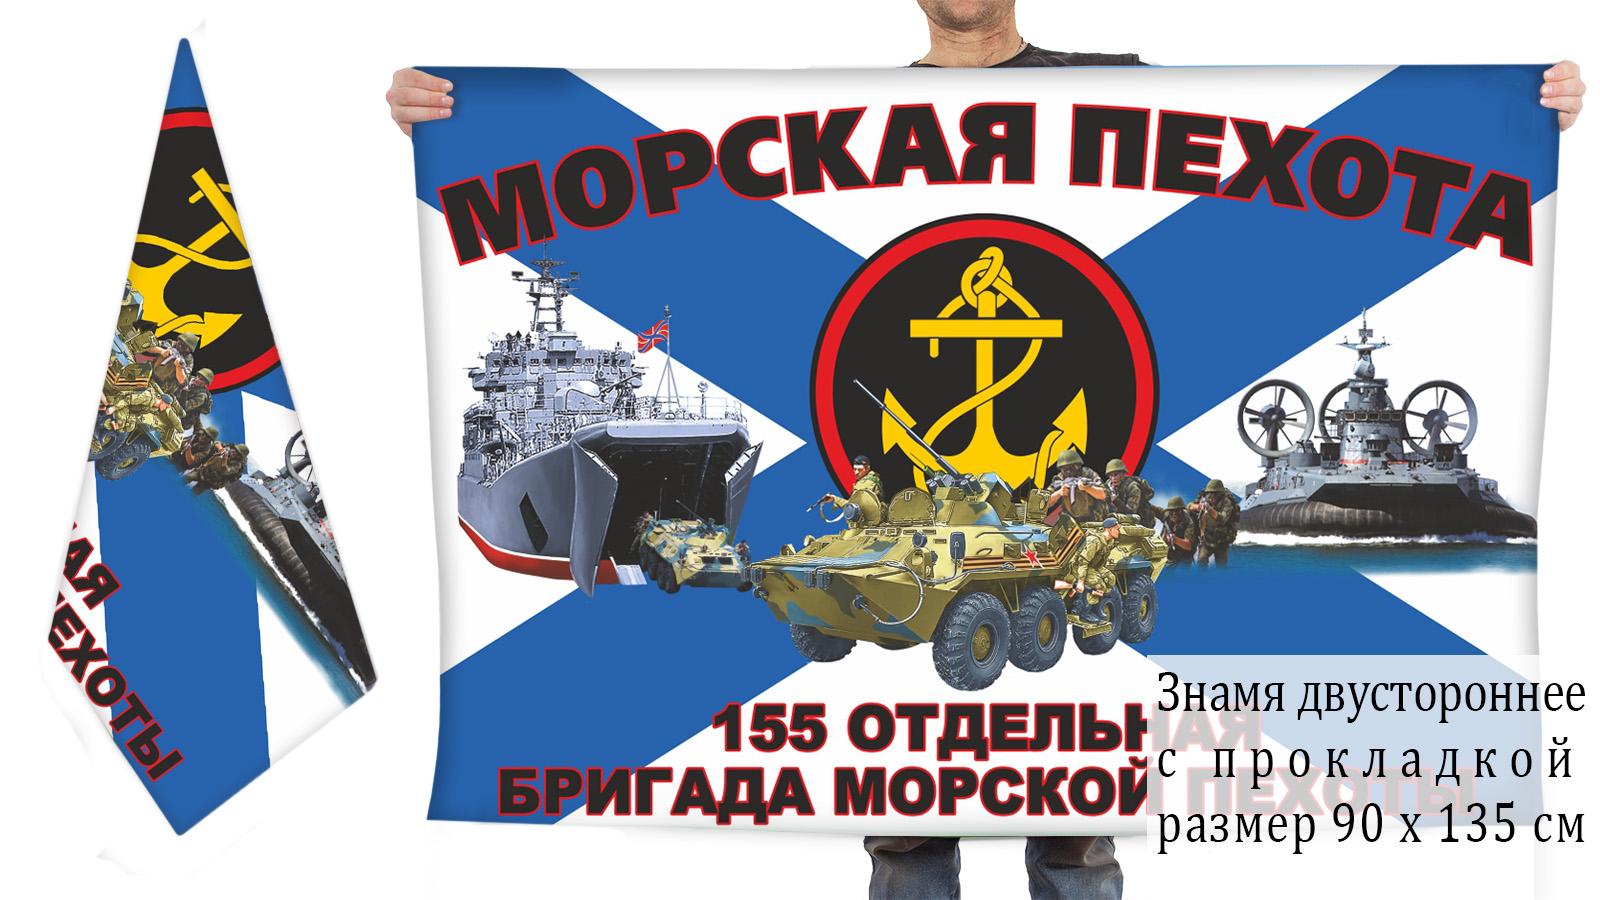 Двусторонний флаг 155 отдельной бригады морской пехоты